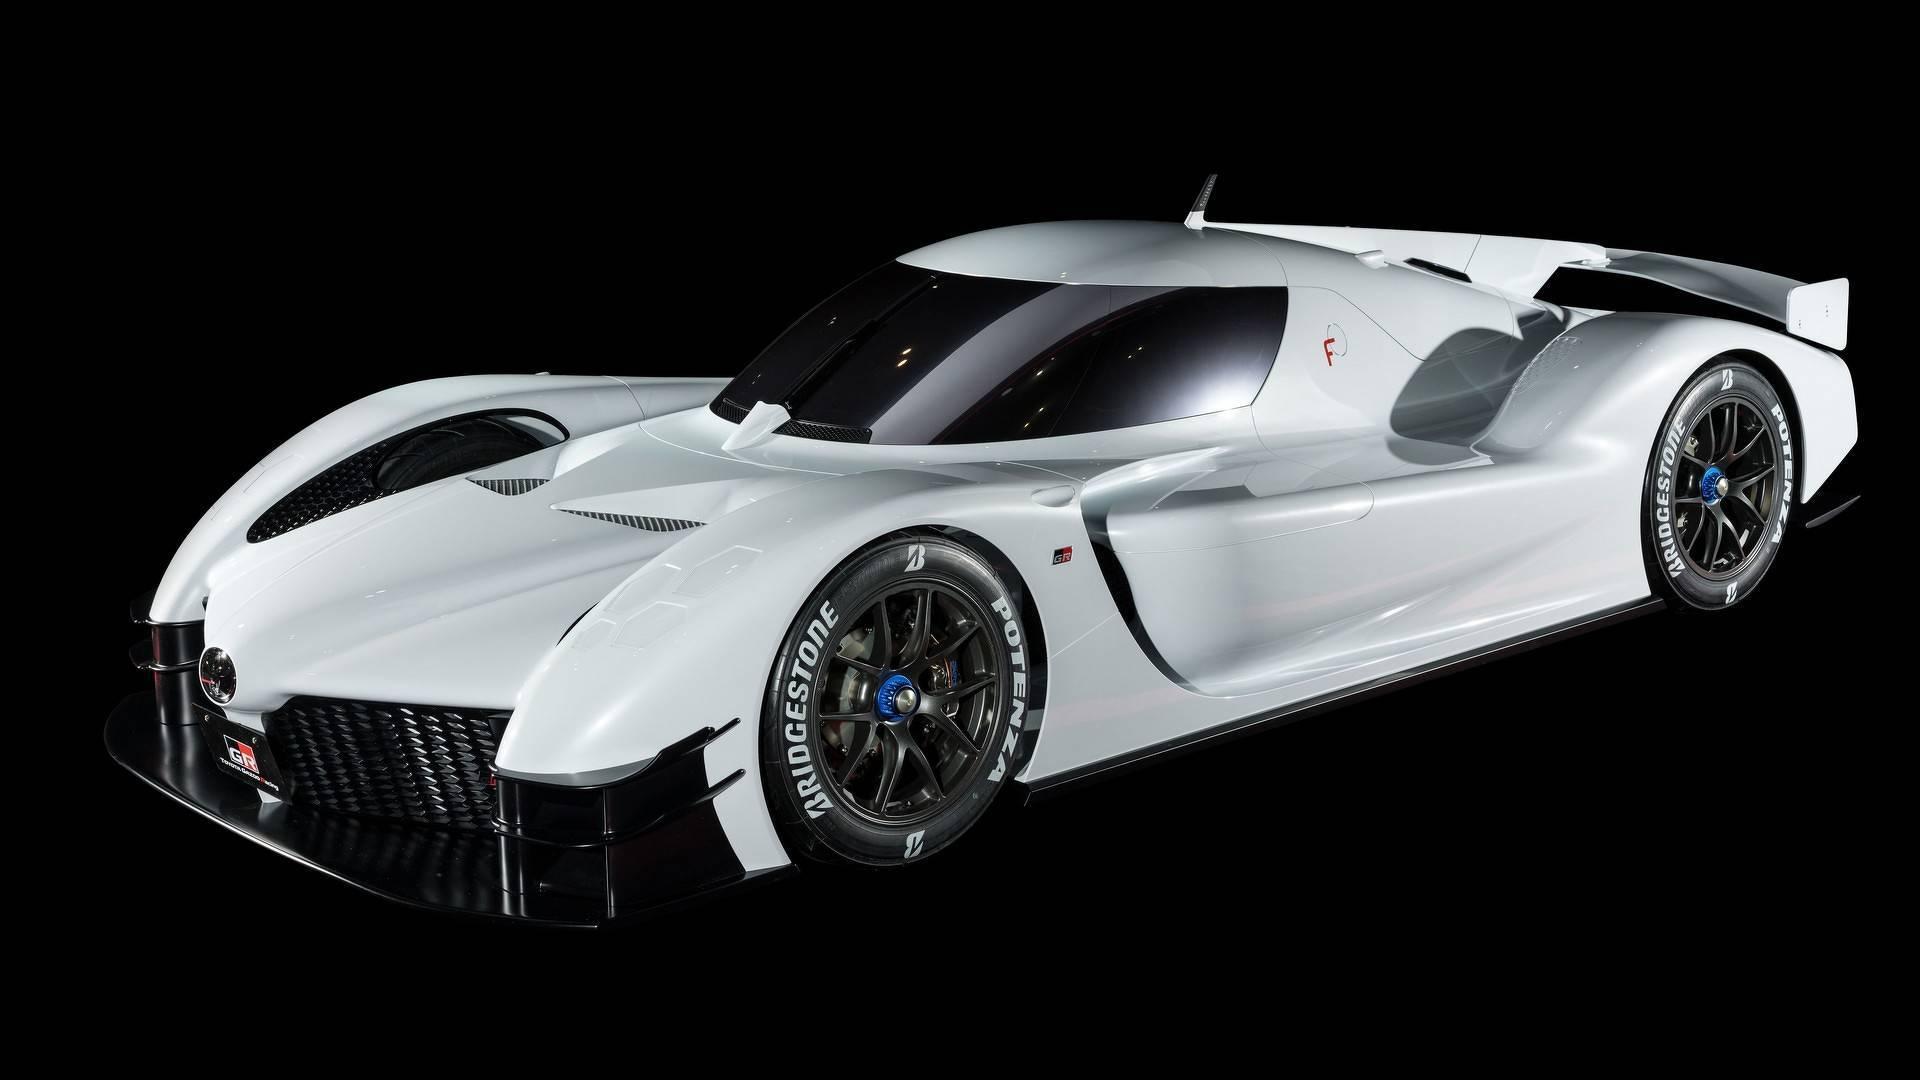 Toyota так и не приняла решение о выпуске гиперкара